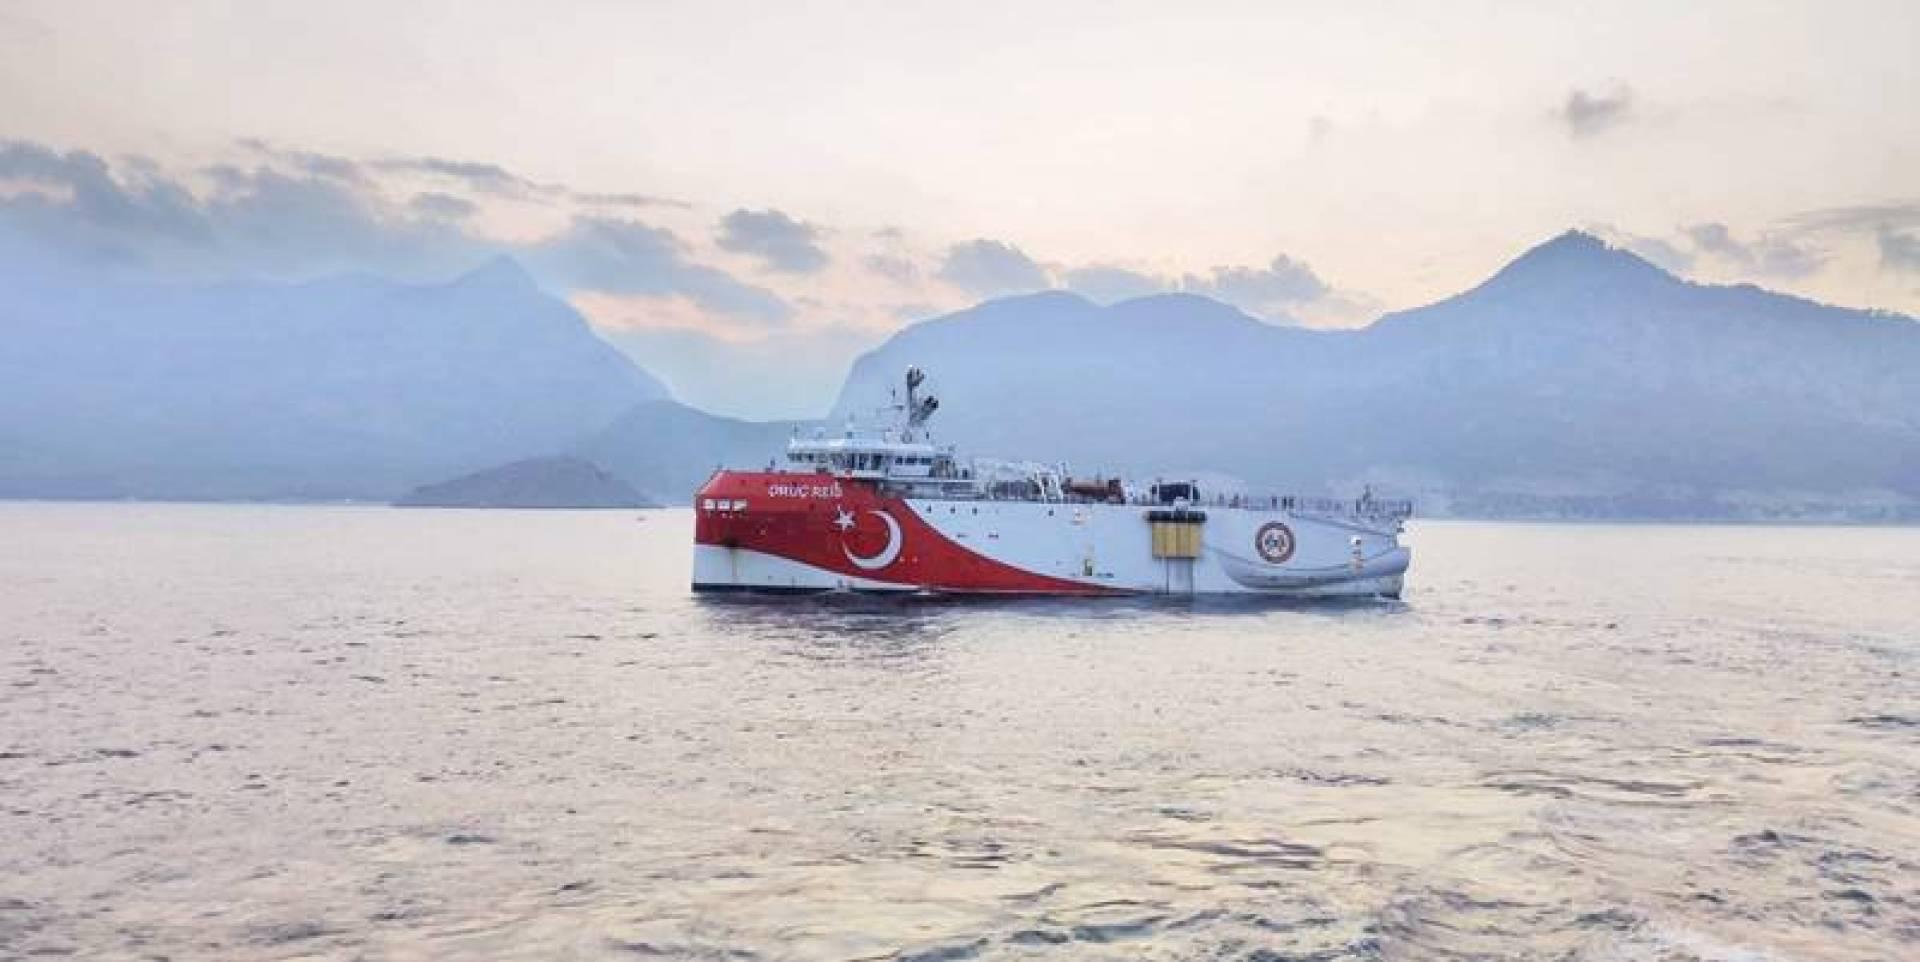 «عروج ريس» تبحر في المتوسط بعد مغادرة ميناء في أنطاليا (رويترز)